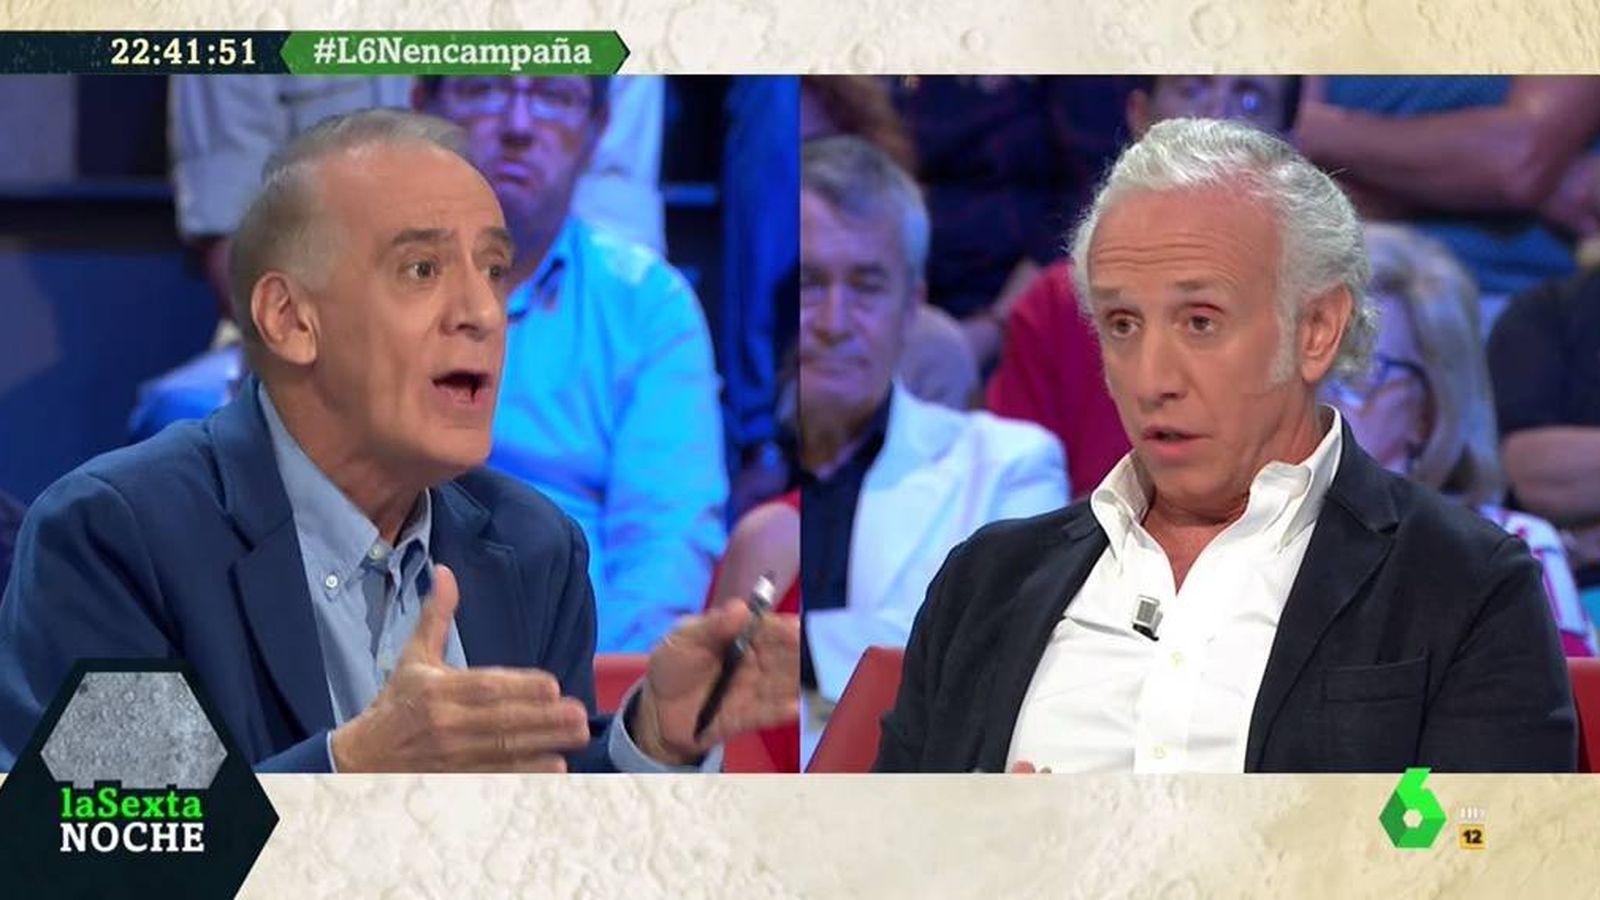 Foto: Ignacio Cembrero y Eduardo Inda, en 'La Sexta noche'. (Atresmedia).